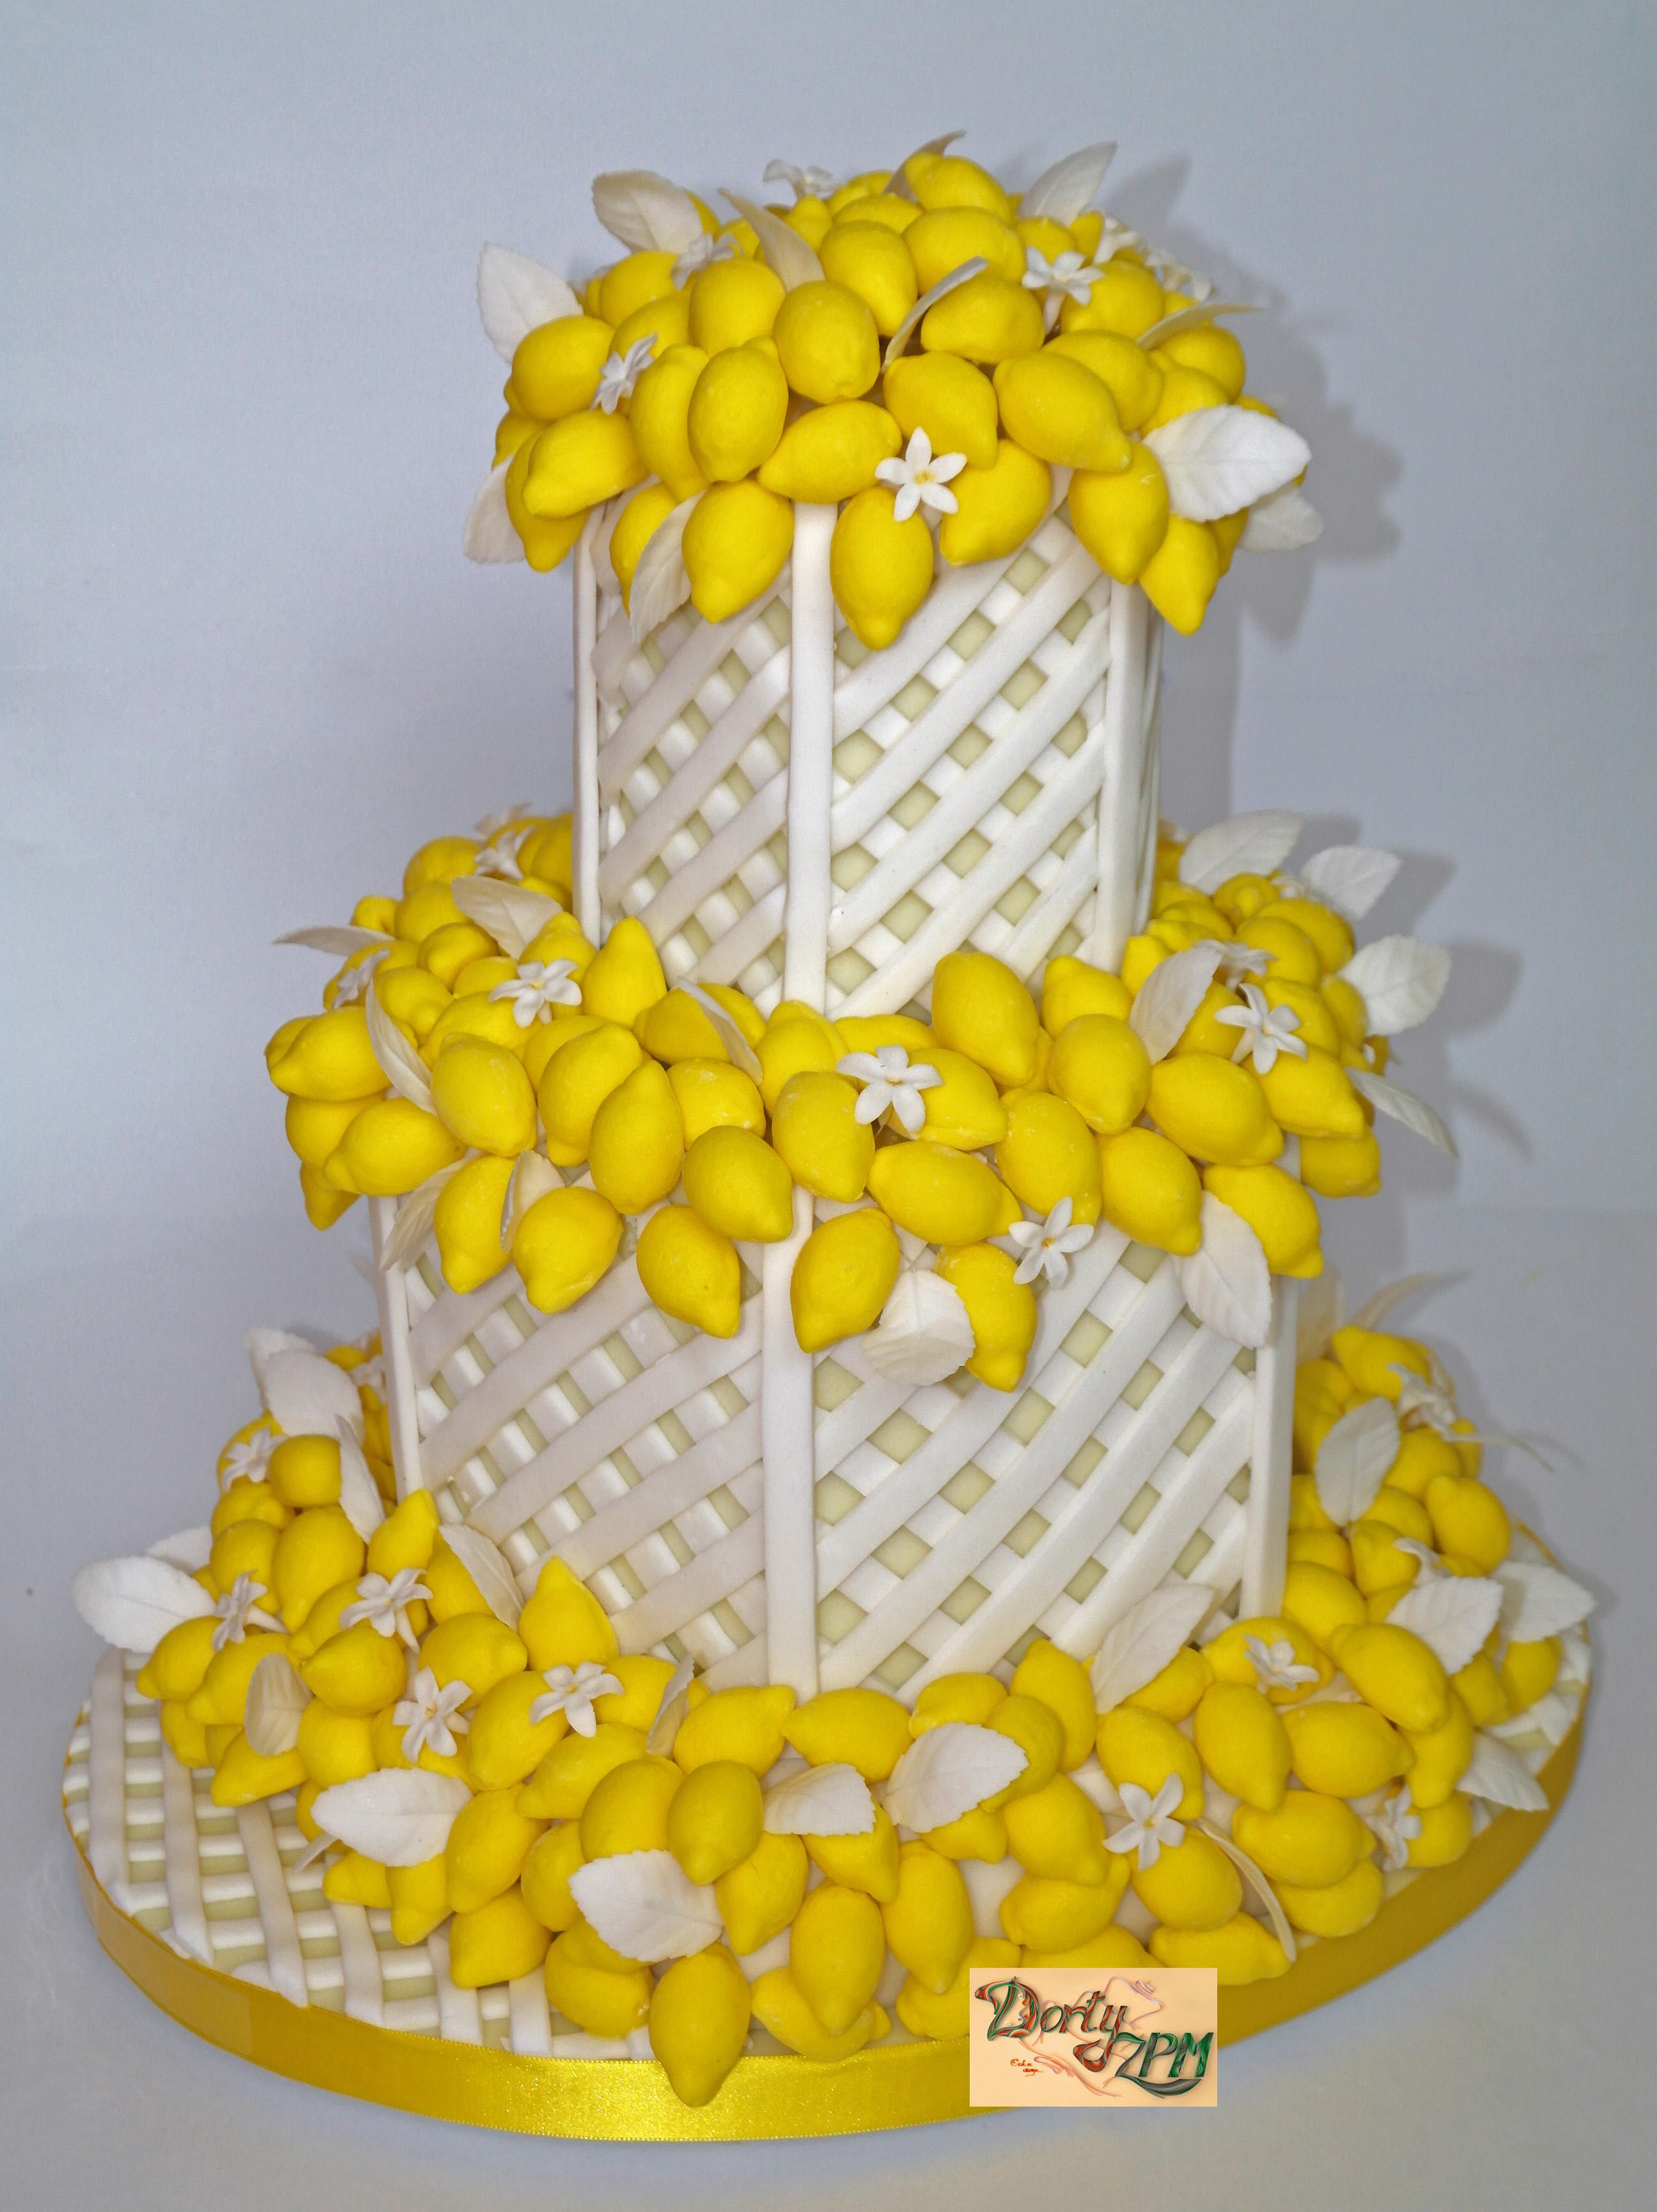 dort,svatební,citrony,mřížka,bílý,patrový,lístky